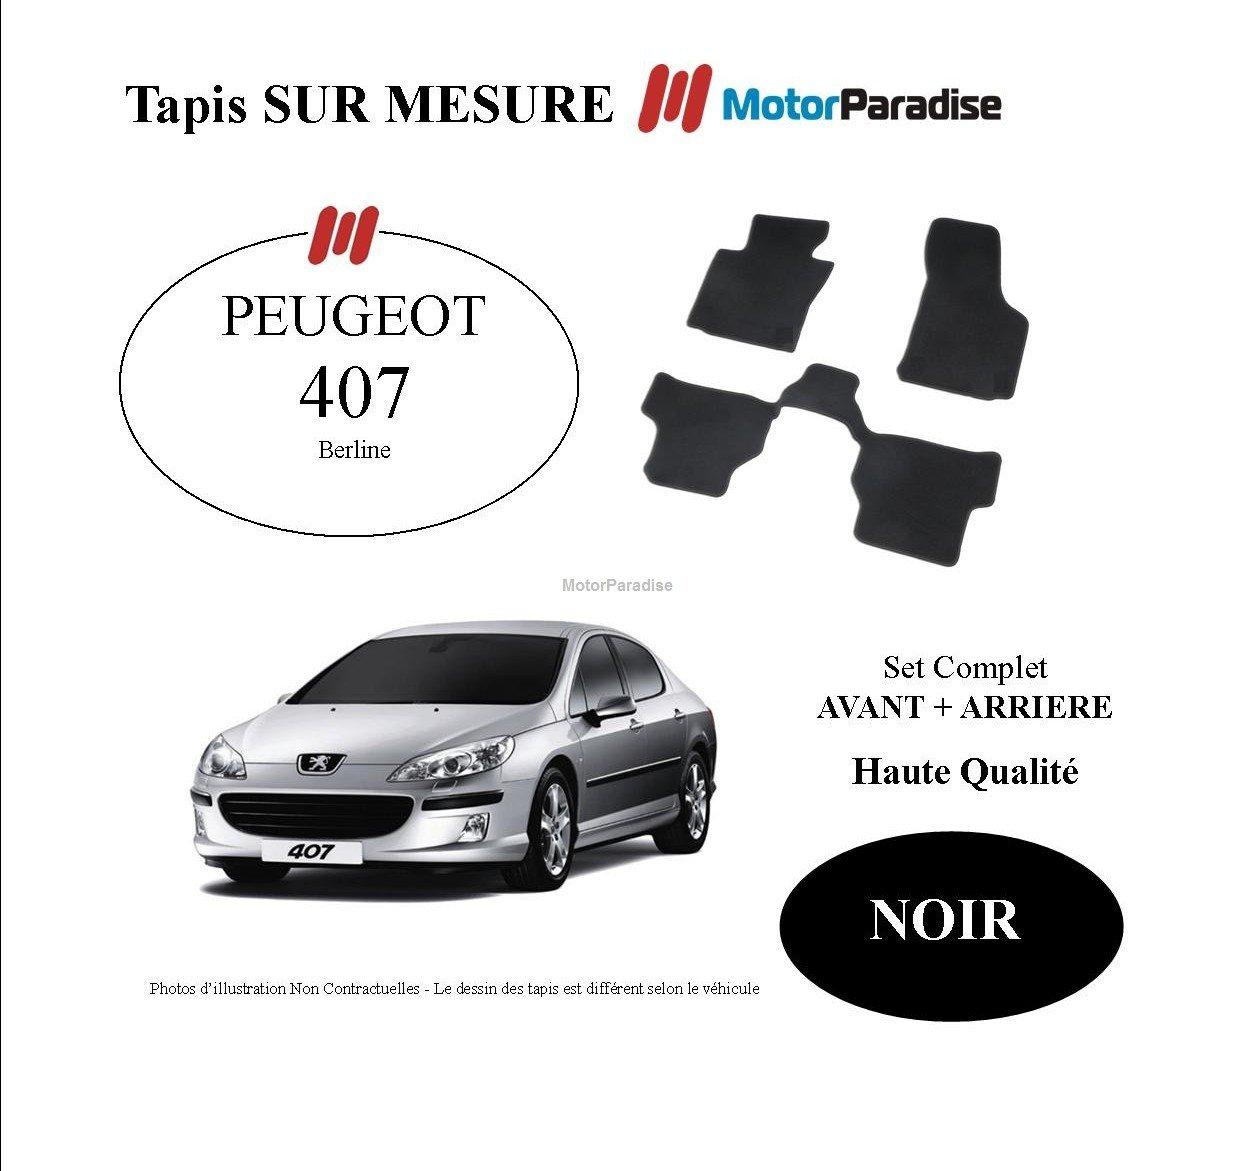 Amazon.es: Alfombras a medida para Peugeot 407 berlina-(04/2004=>) 2011, color negro-Juego completo antes trasera